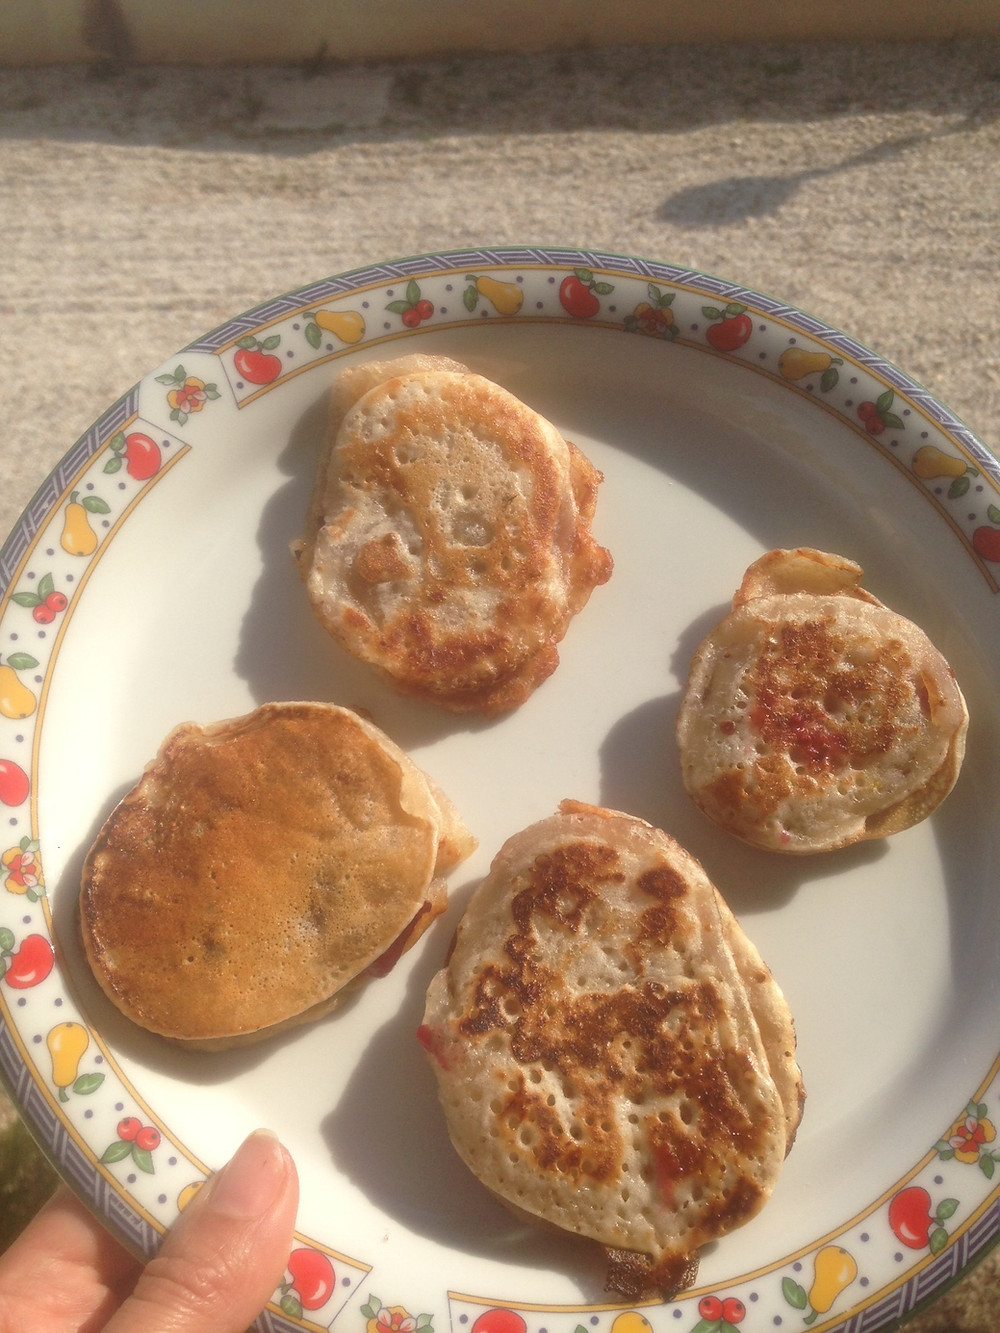 Mehlspeise #vegan Liwanzen Dalken böhmisch #pflanzlich #nachhaltig #Süßspeise #Pfannkuchen #Kombucha